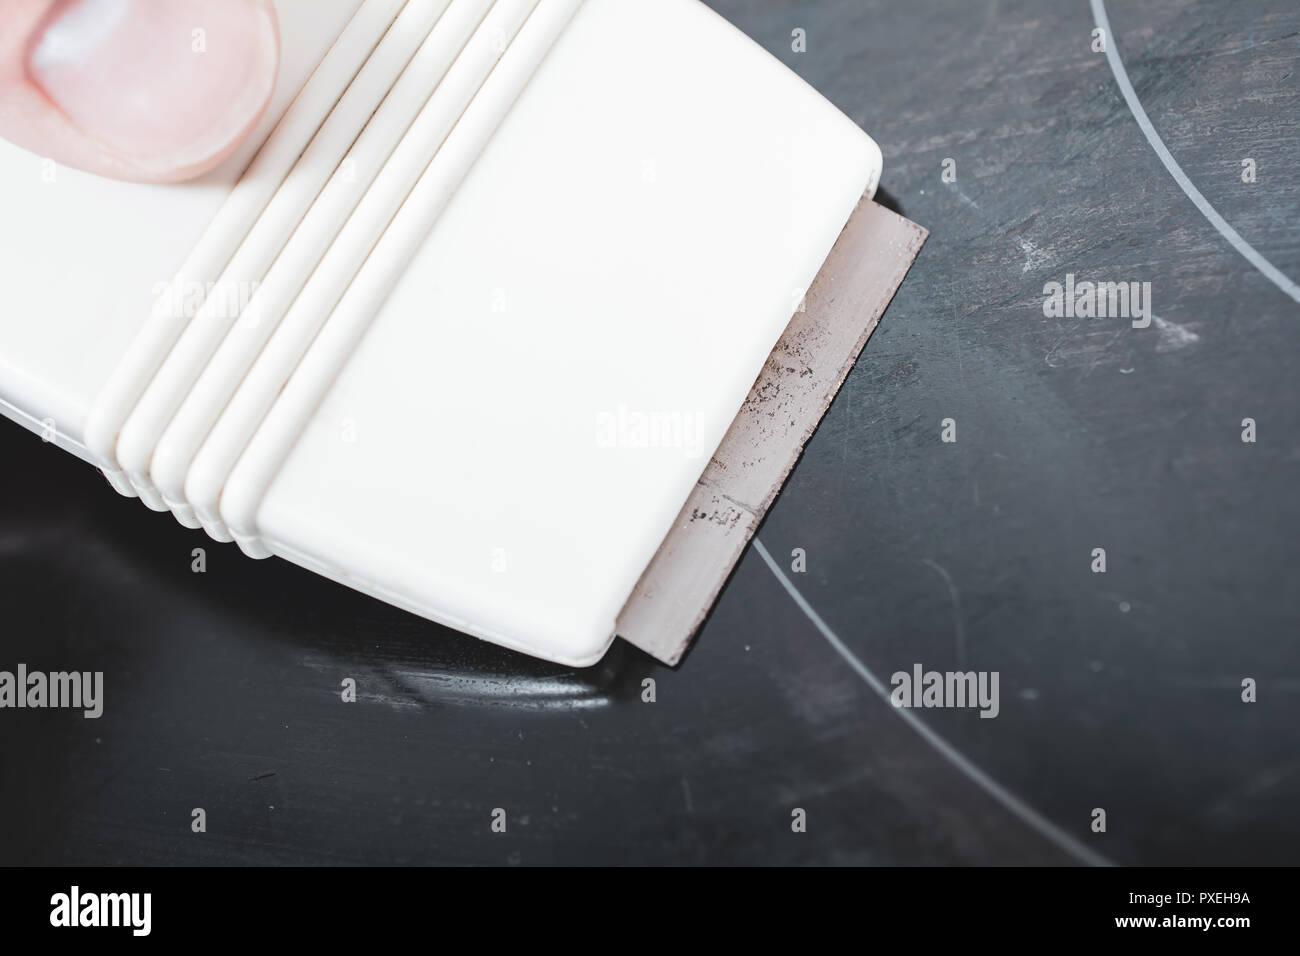 Reinigung Ein Ceranfeld Mit Einem Glas Abstreifer Stockfoto Bild